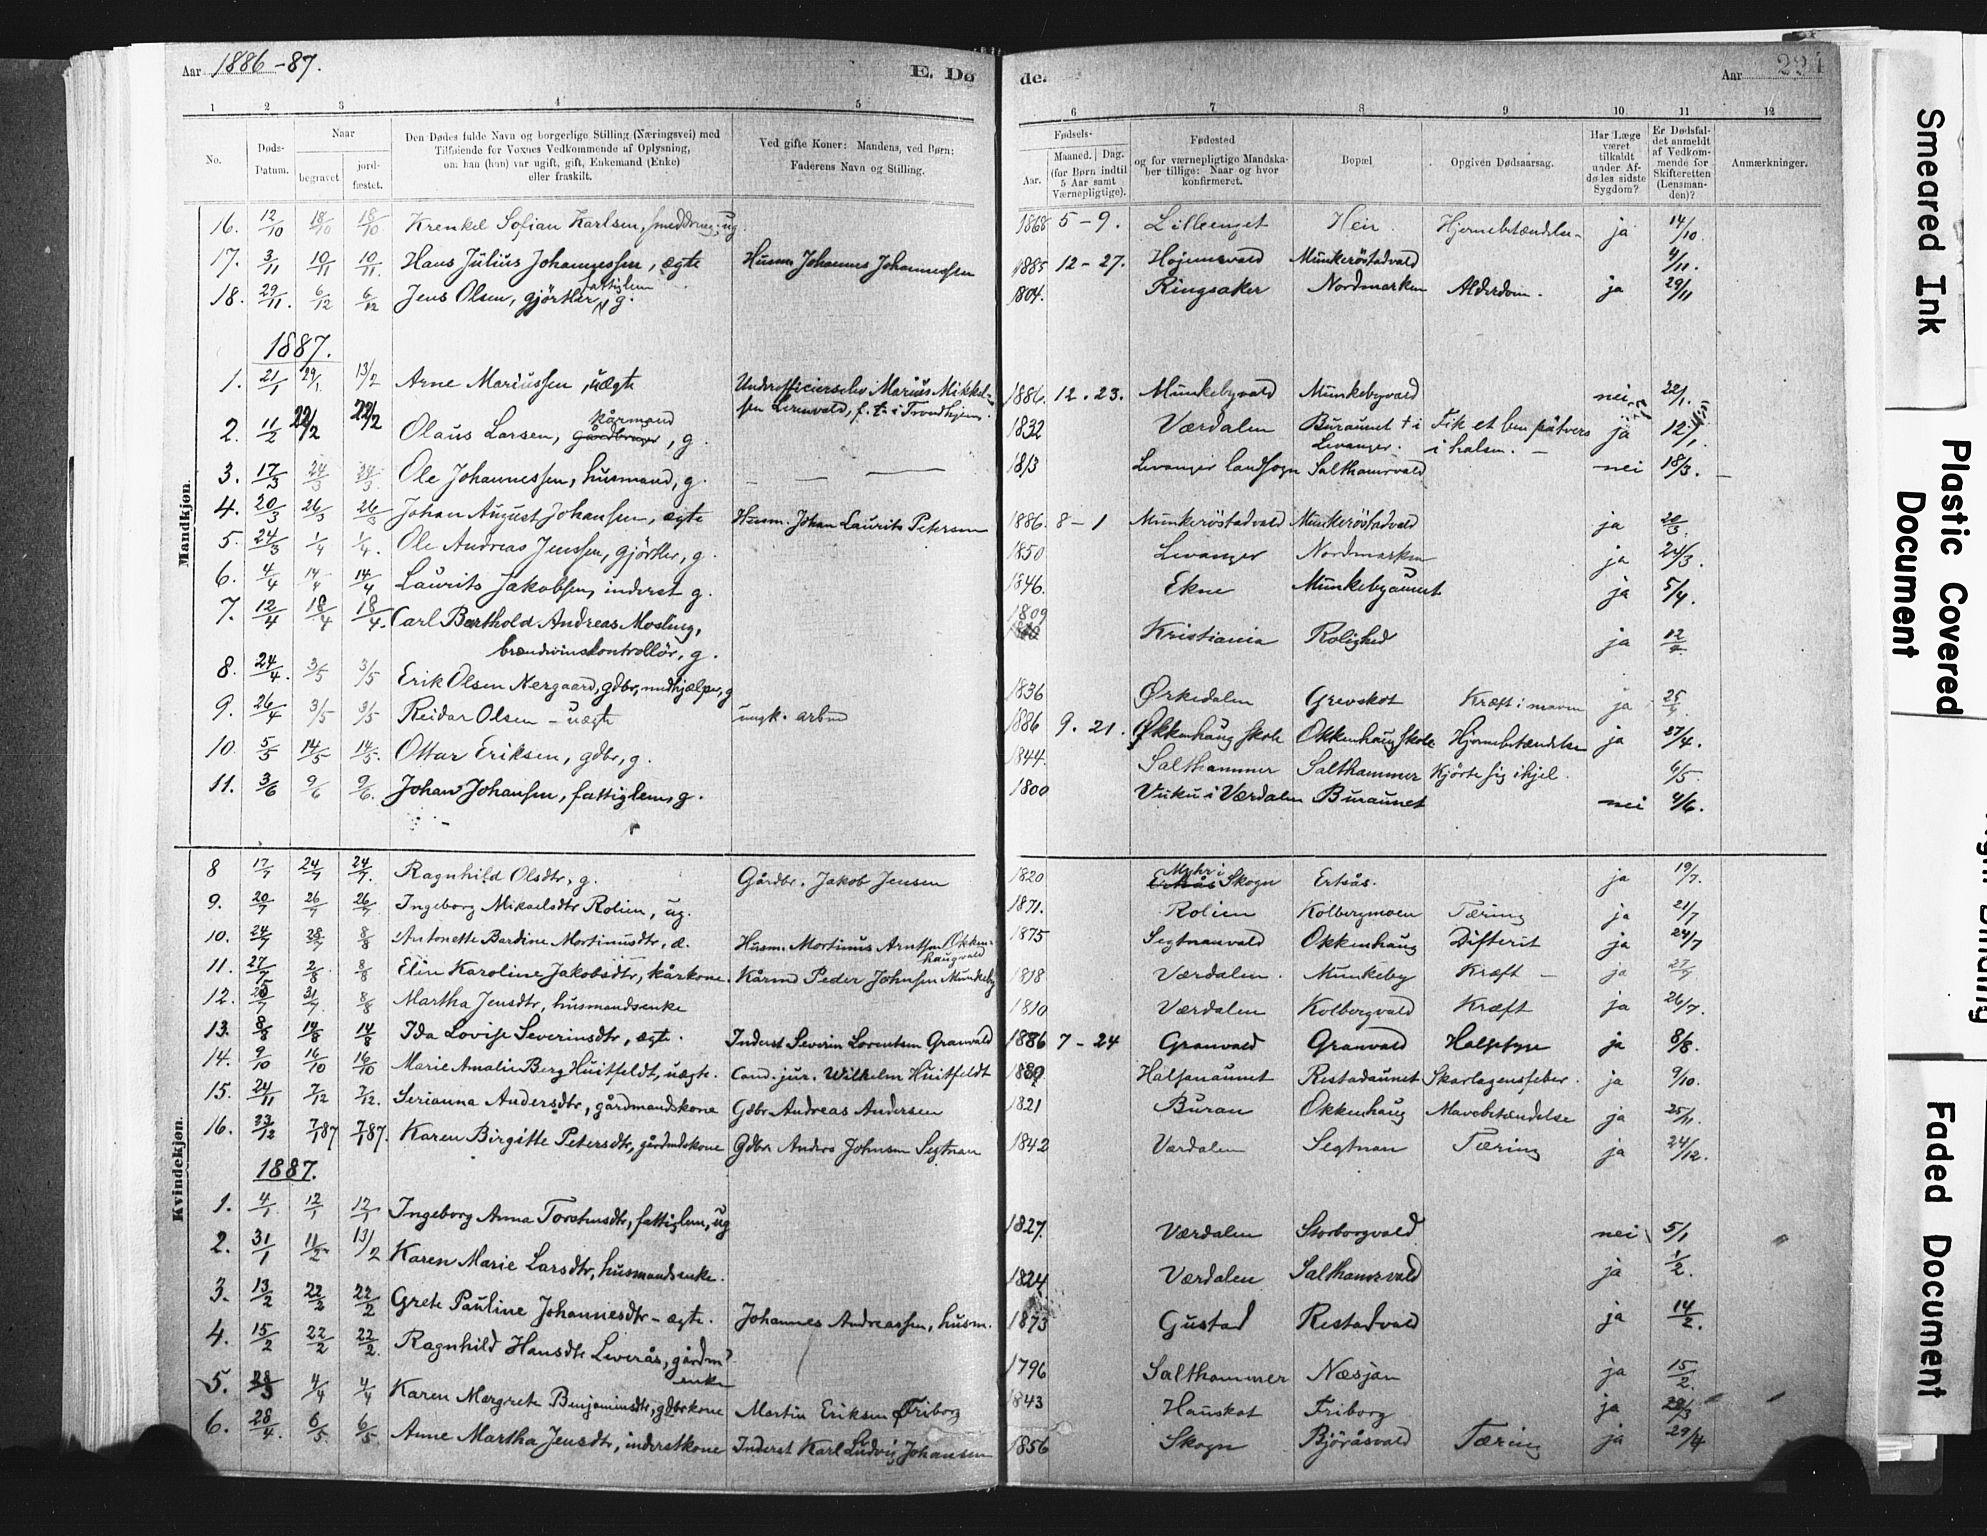 SAT, Ministerialprotokoller, klokkerbøker og fødselsregistre - Nord-Trøndelag, 721/L0207: Ministerialbok nr. 721A02, 1880-1911, s. 224